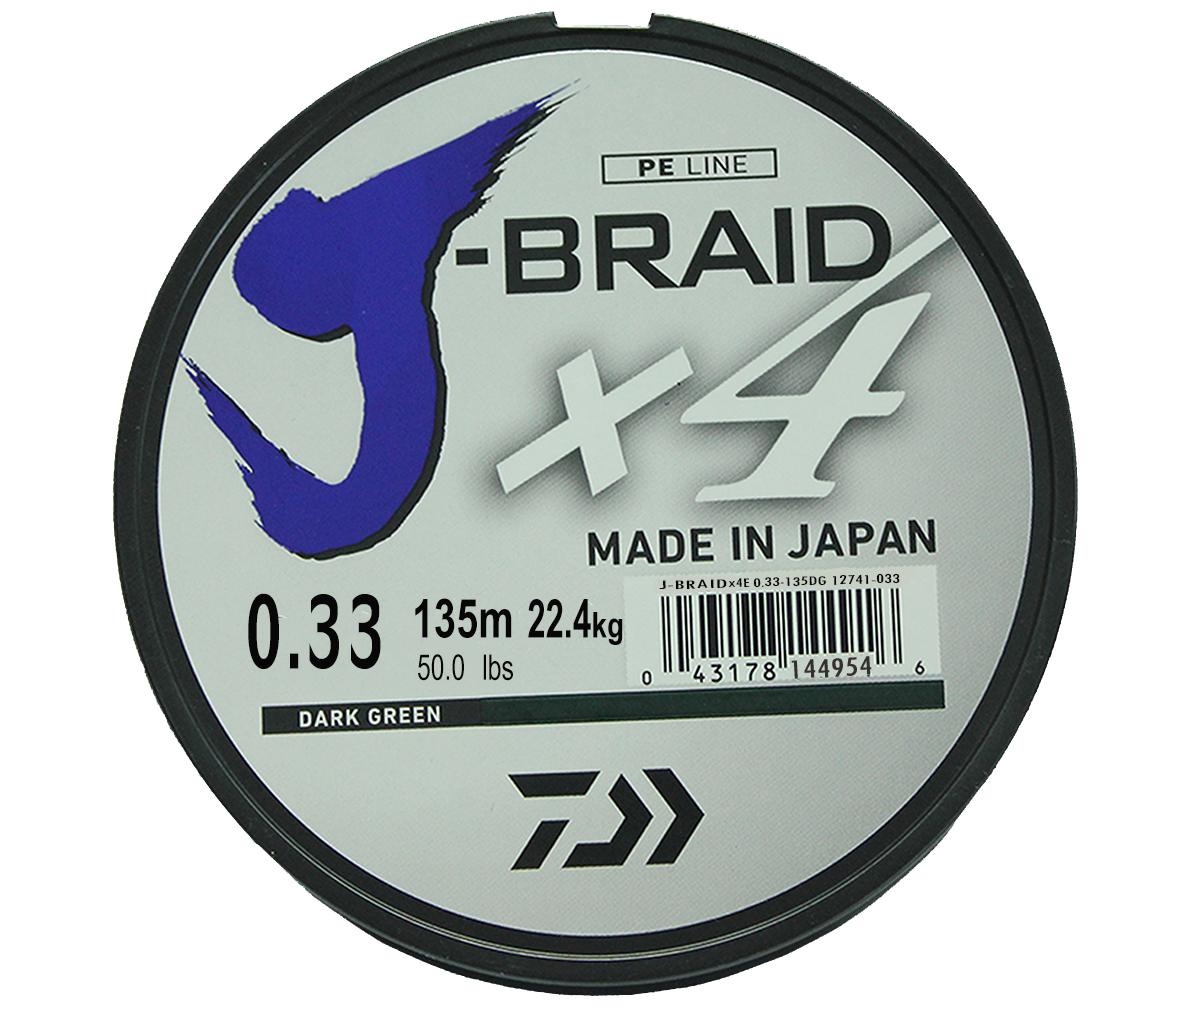 Шнур плетеный Daiwa J-Braid X4, цвет: зеленый, 135 м, 0,33 мм61167Новый 4х жильный шнур J-Braid, DAIWA - шнур высокого класса с удивительным соотношением цены и качества. Качество плетения полностью соответствует японским стандартам и удовлетворяет всем требованиям. Представленные диаметры позволяют использовать шнур для всех техник ловли, начиная от ultra- light ловли окуня, до морской ловли палтуса, трески и т.д